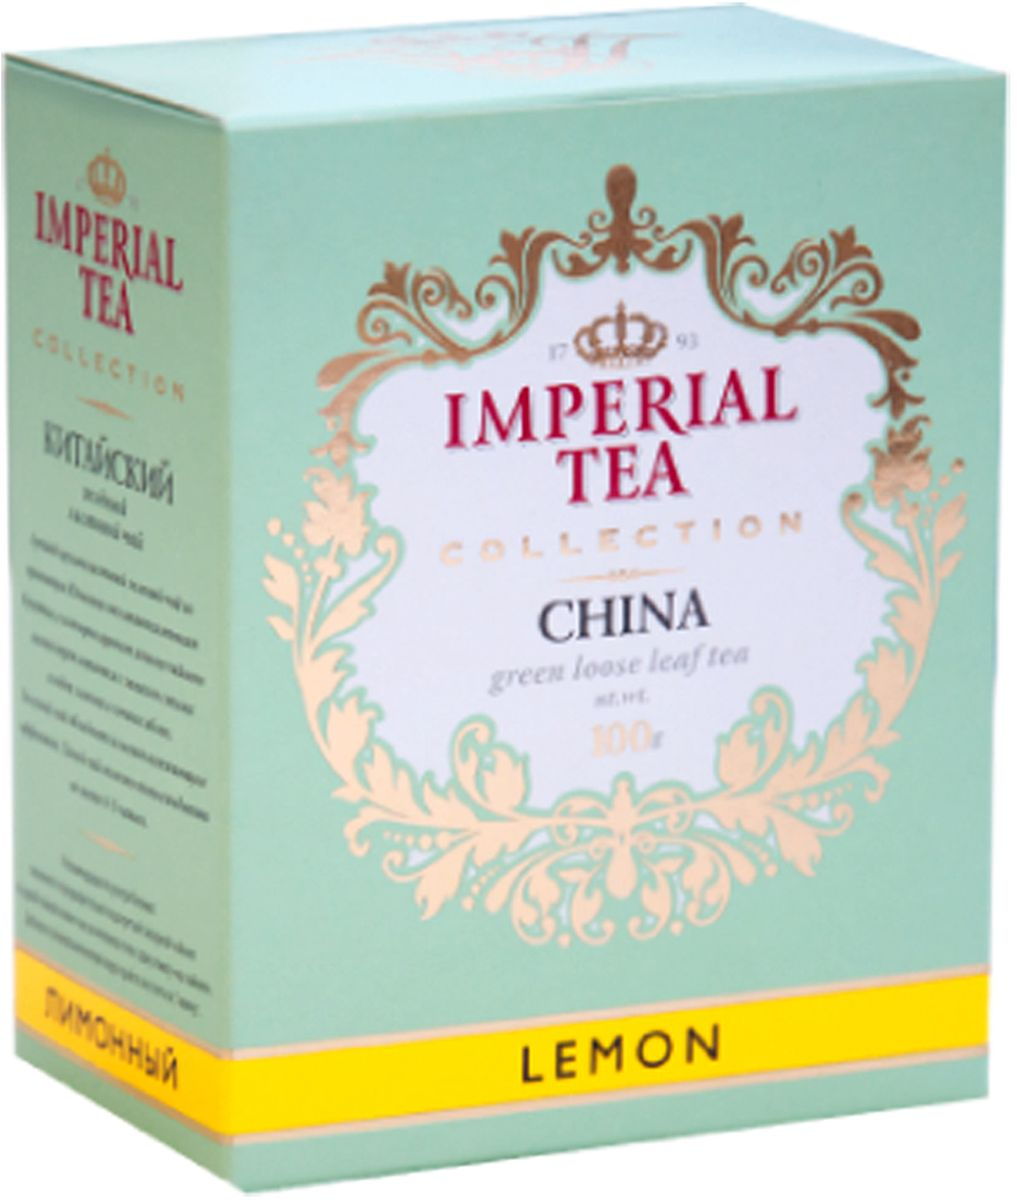 Императорский чай Collection Лимон, 100 г императорский чай collection фруктовый 100 г